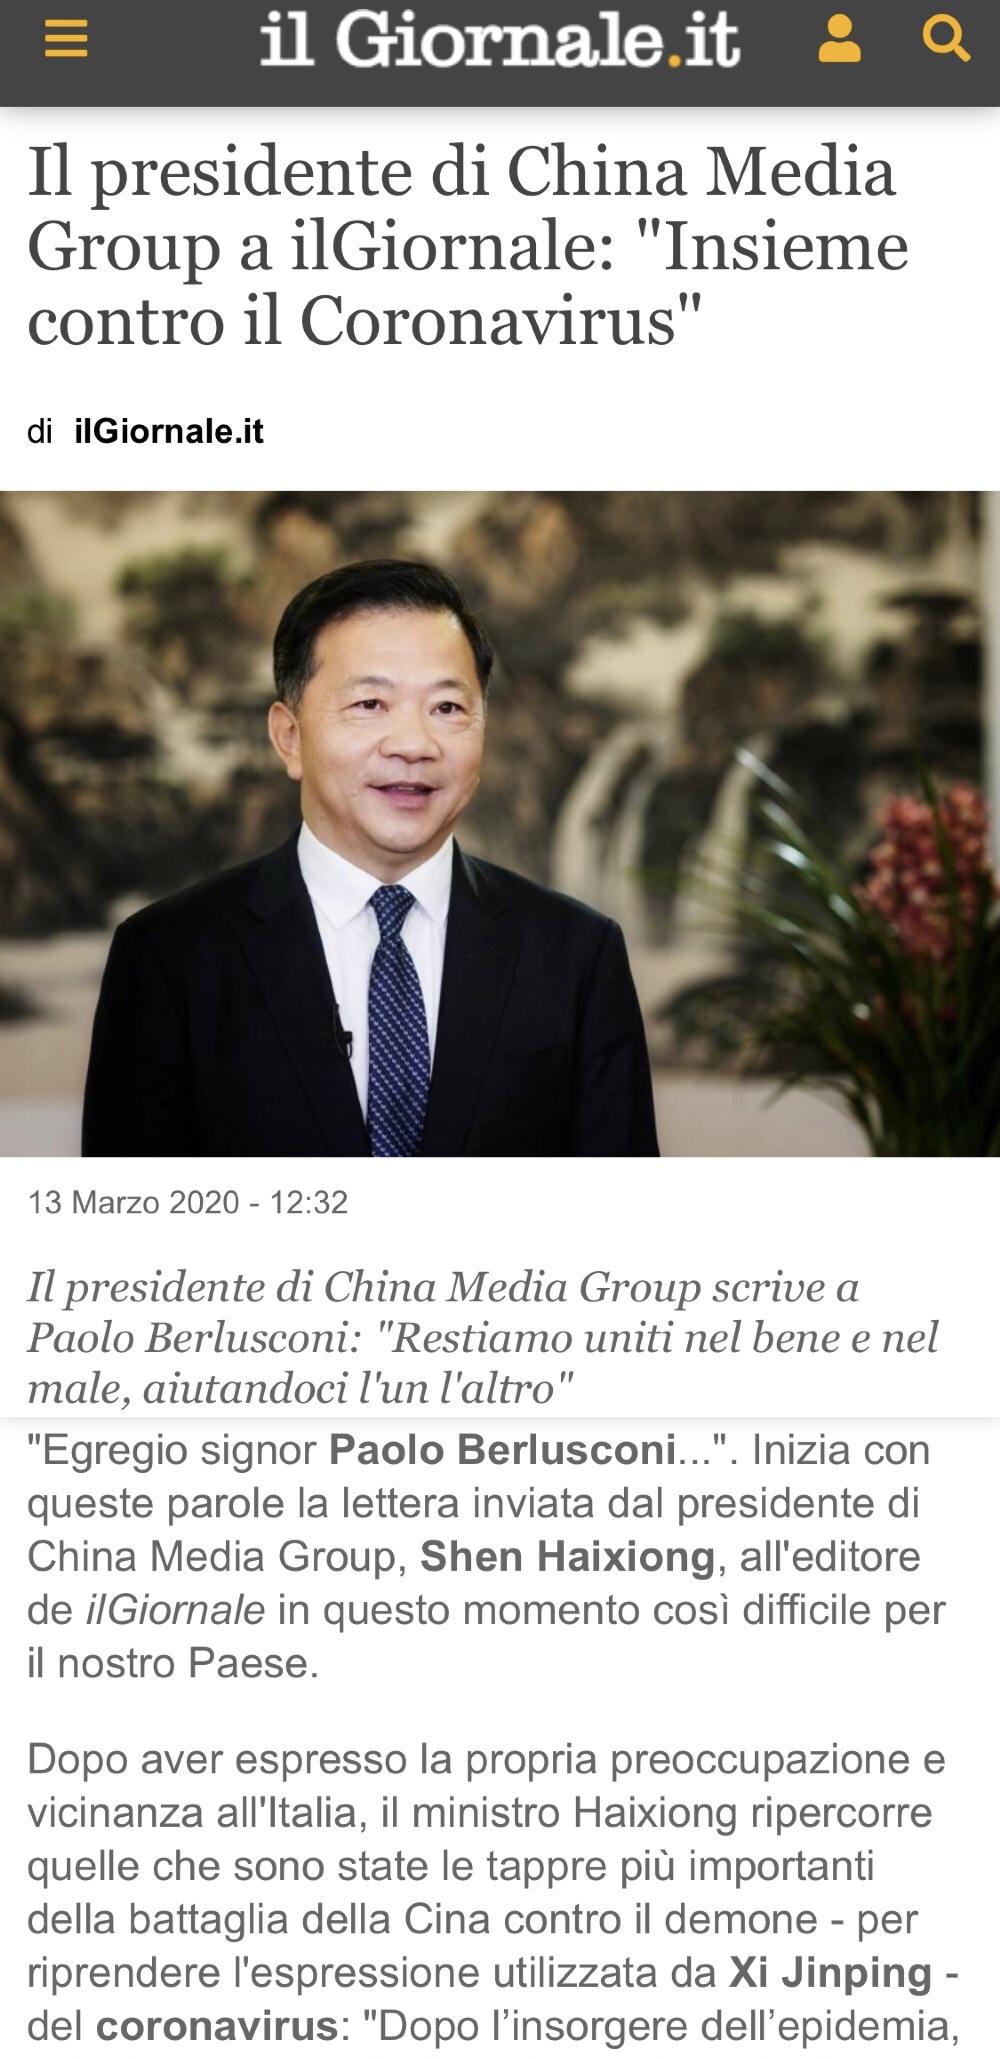 意大利《日报》刊文《中国中央广播电视总台台长致信〈日报〉:让我们携手抗击疫情》图片